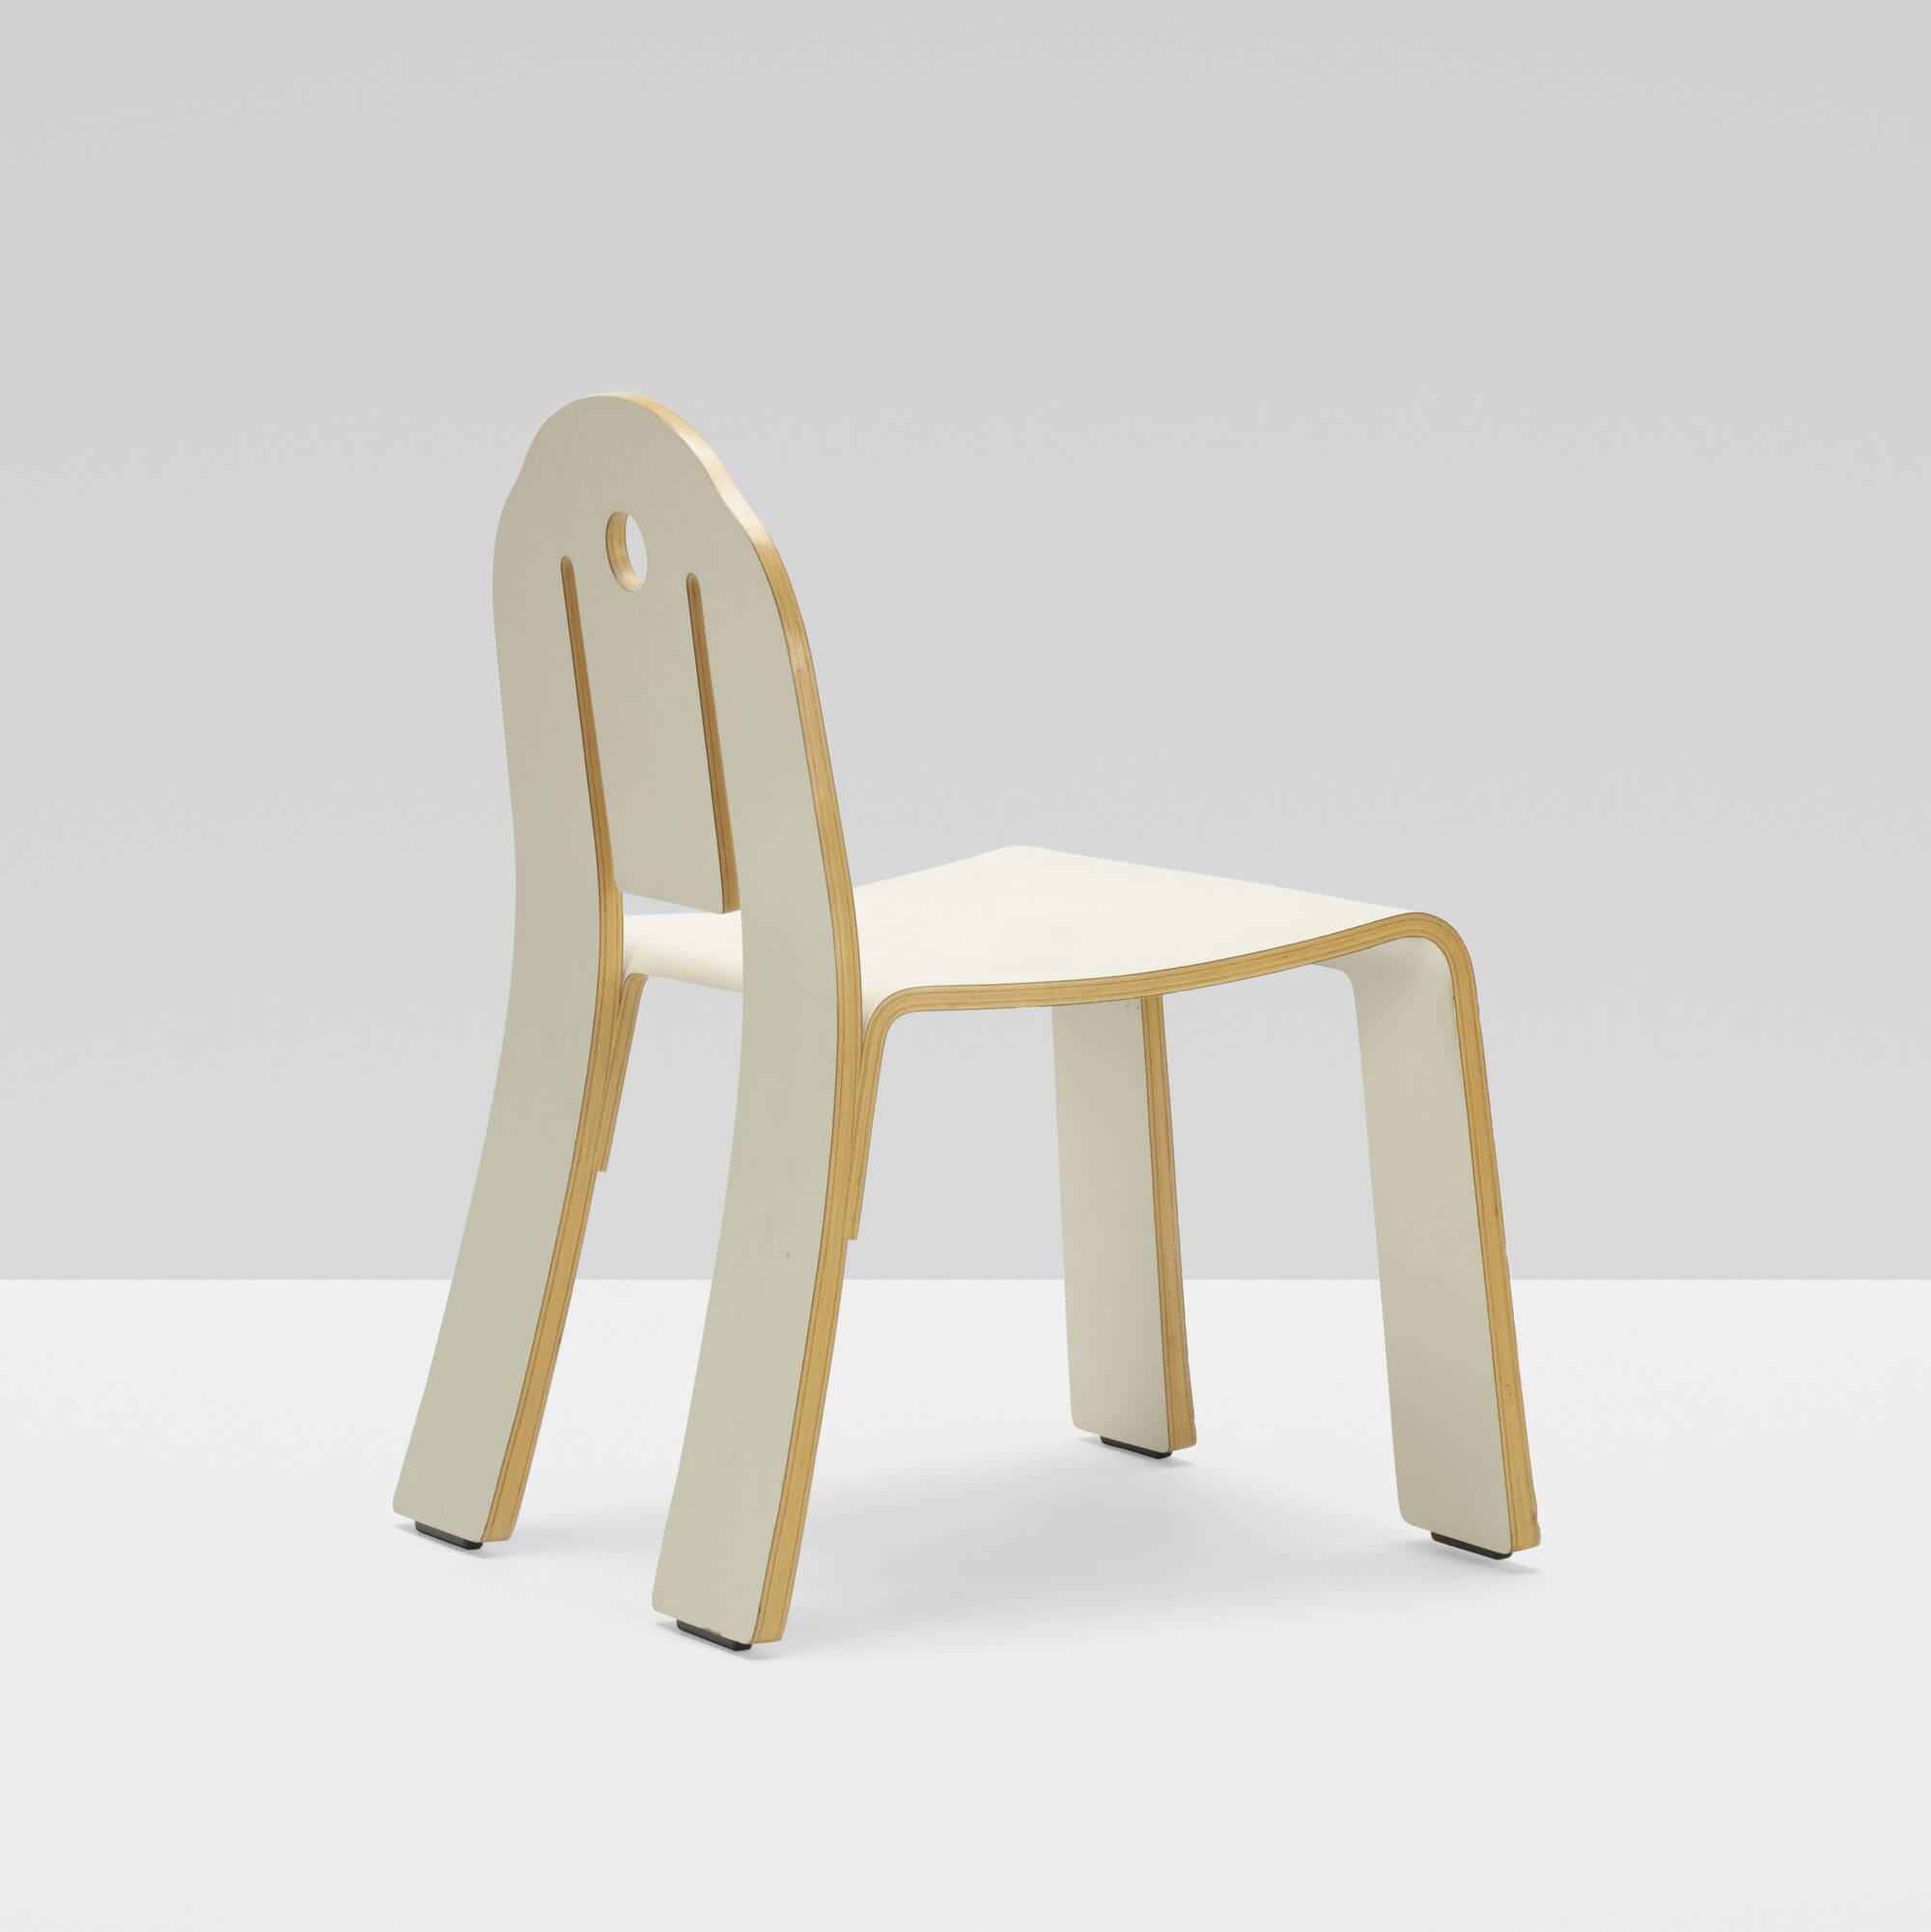 284: Robert Venturi / Art Deco chair (3 of 3)